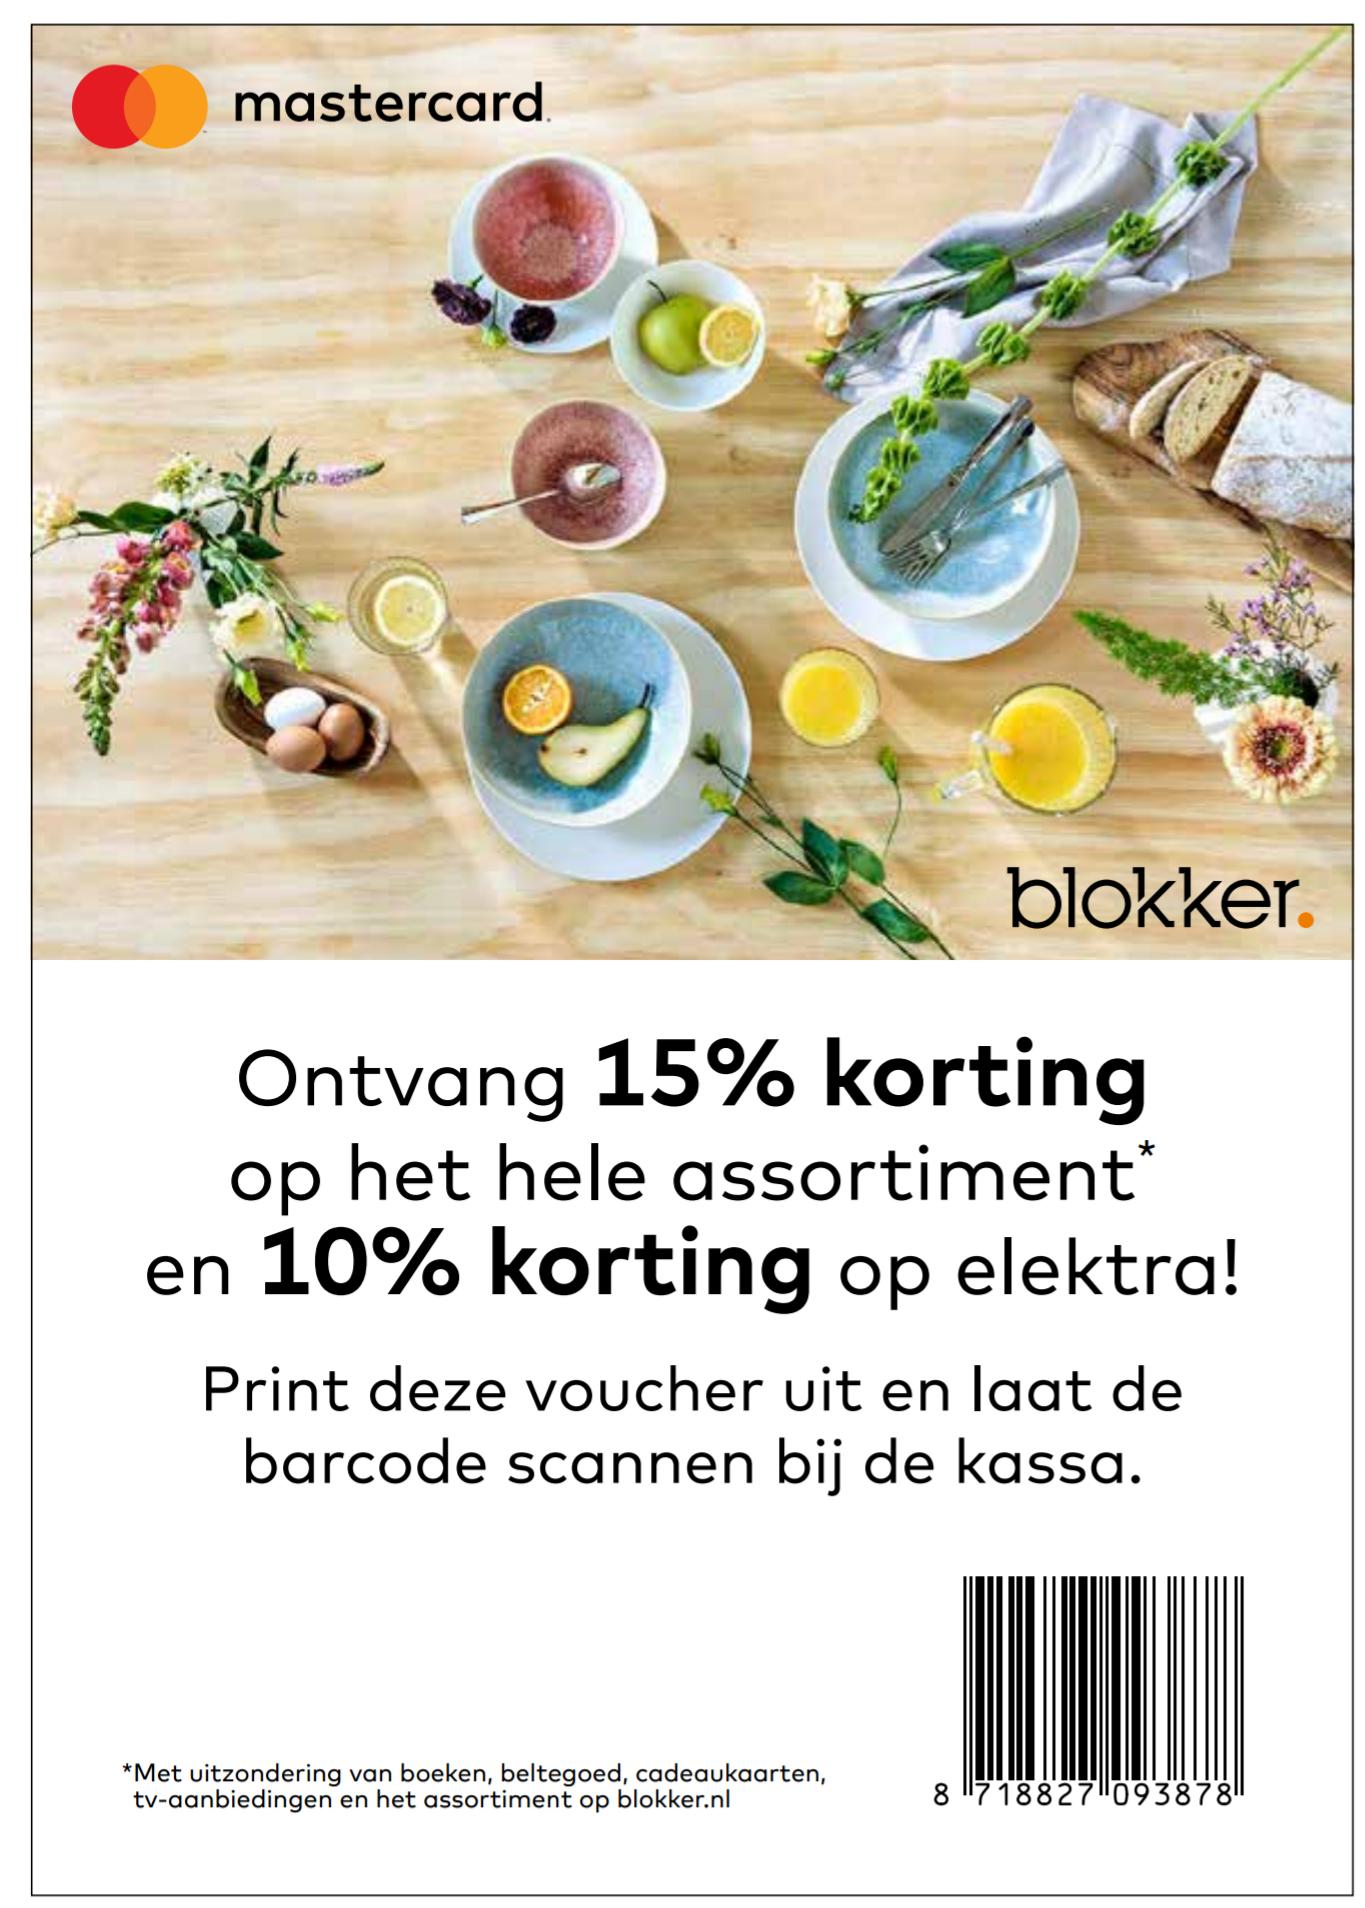 15% korting op bijna het hele assortiment en 10% korting op elektronica (Mastercard) @ Blokker